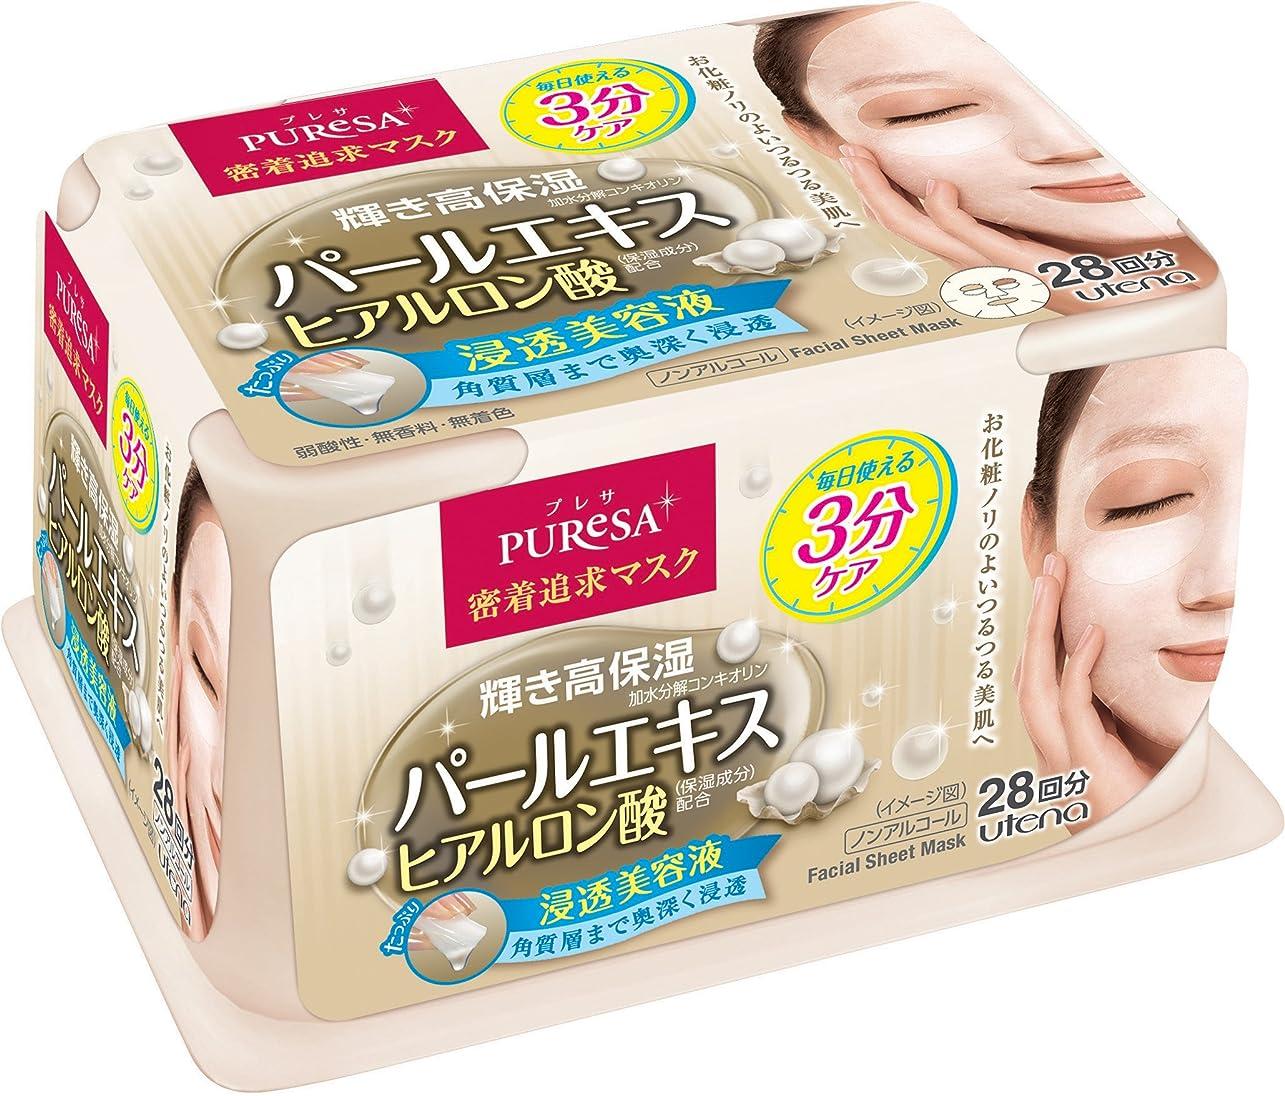 の頭の上処分した有名puresa(プレサ) デイリーケアマスク パールエキス 28回分 (300mL)